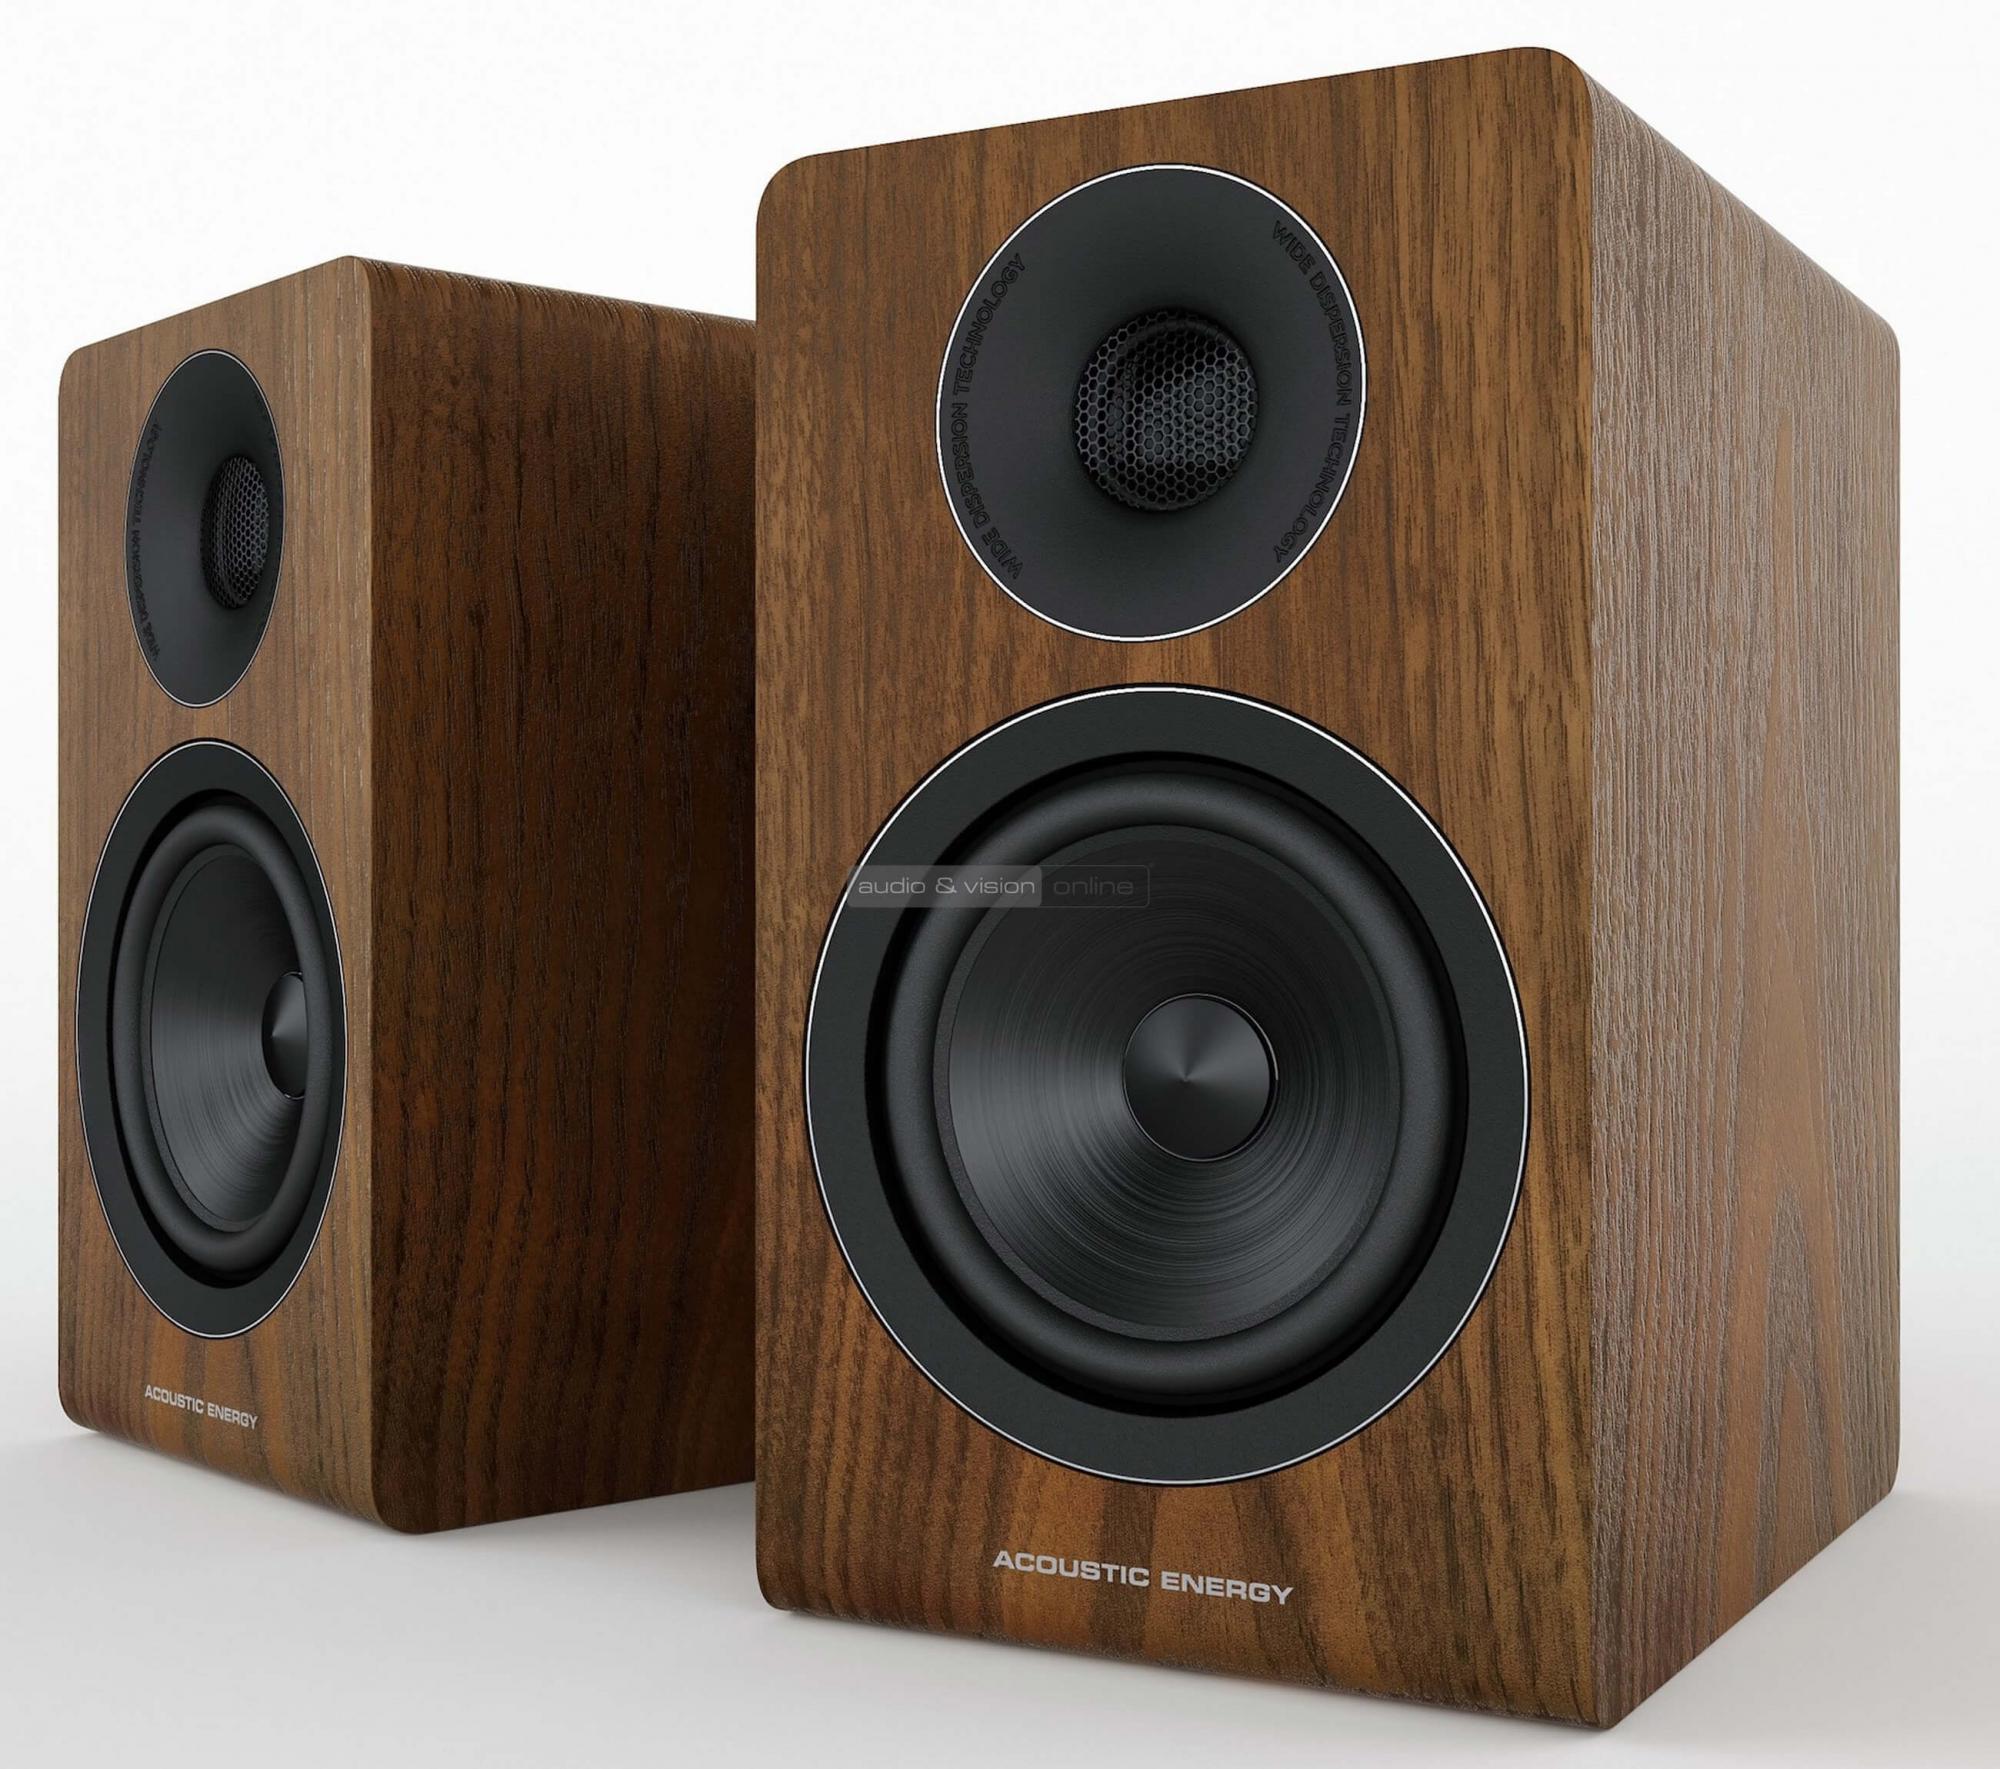 Acoustic Energy AE300 állványos hangfal teszt